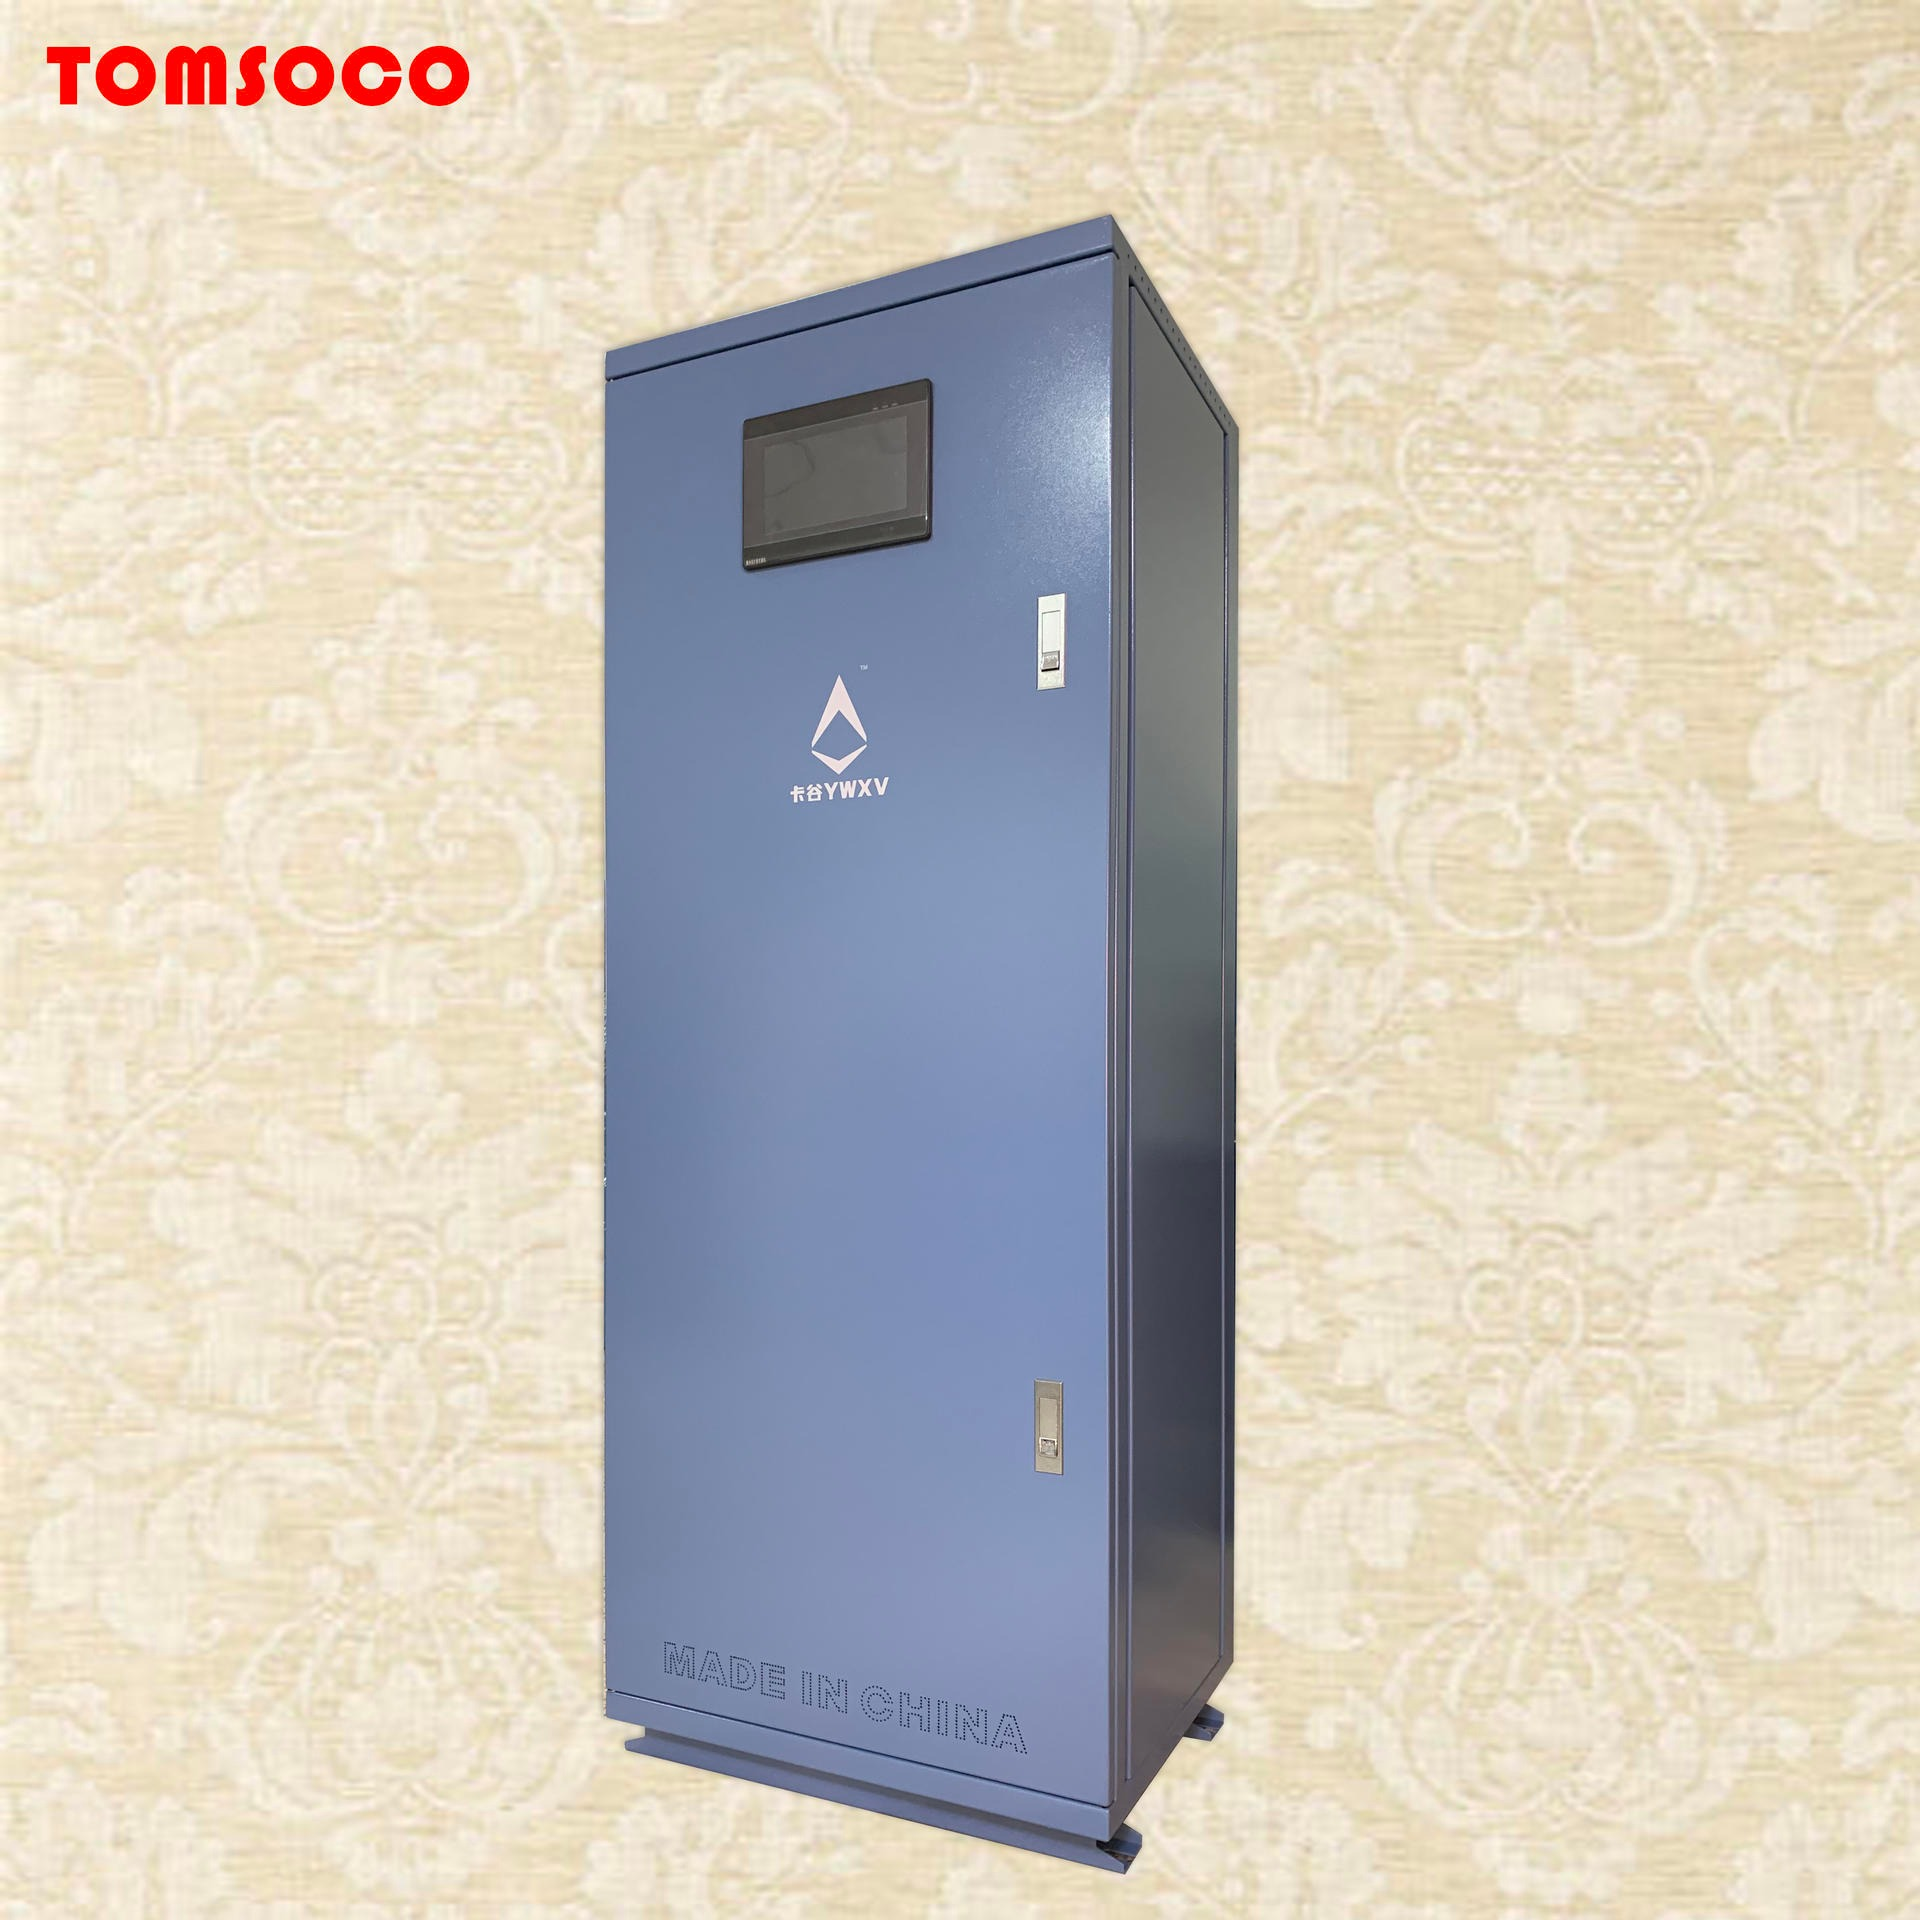 東莞托姆 空壓機熱回收裝置20-500匹 0元購空壓機余熱回收機 經久耐用、超長保修 空壓機熱交換器 生產廠家